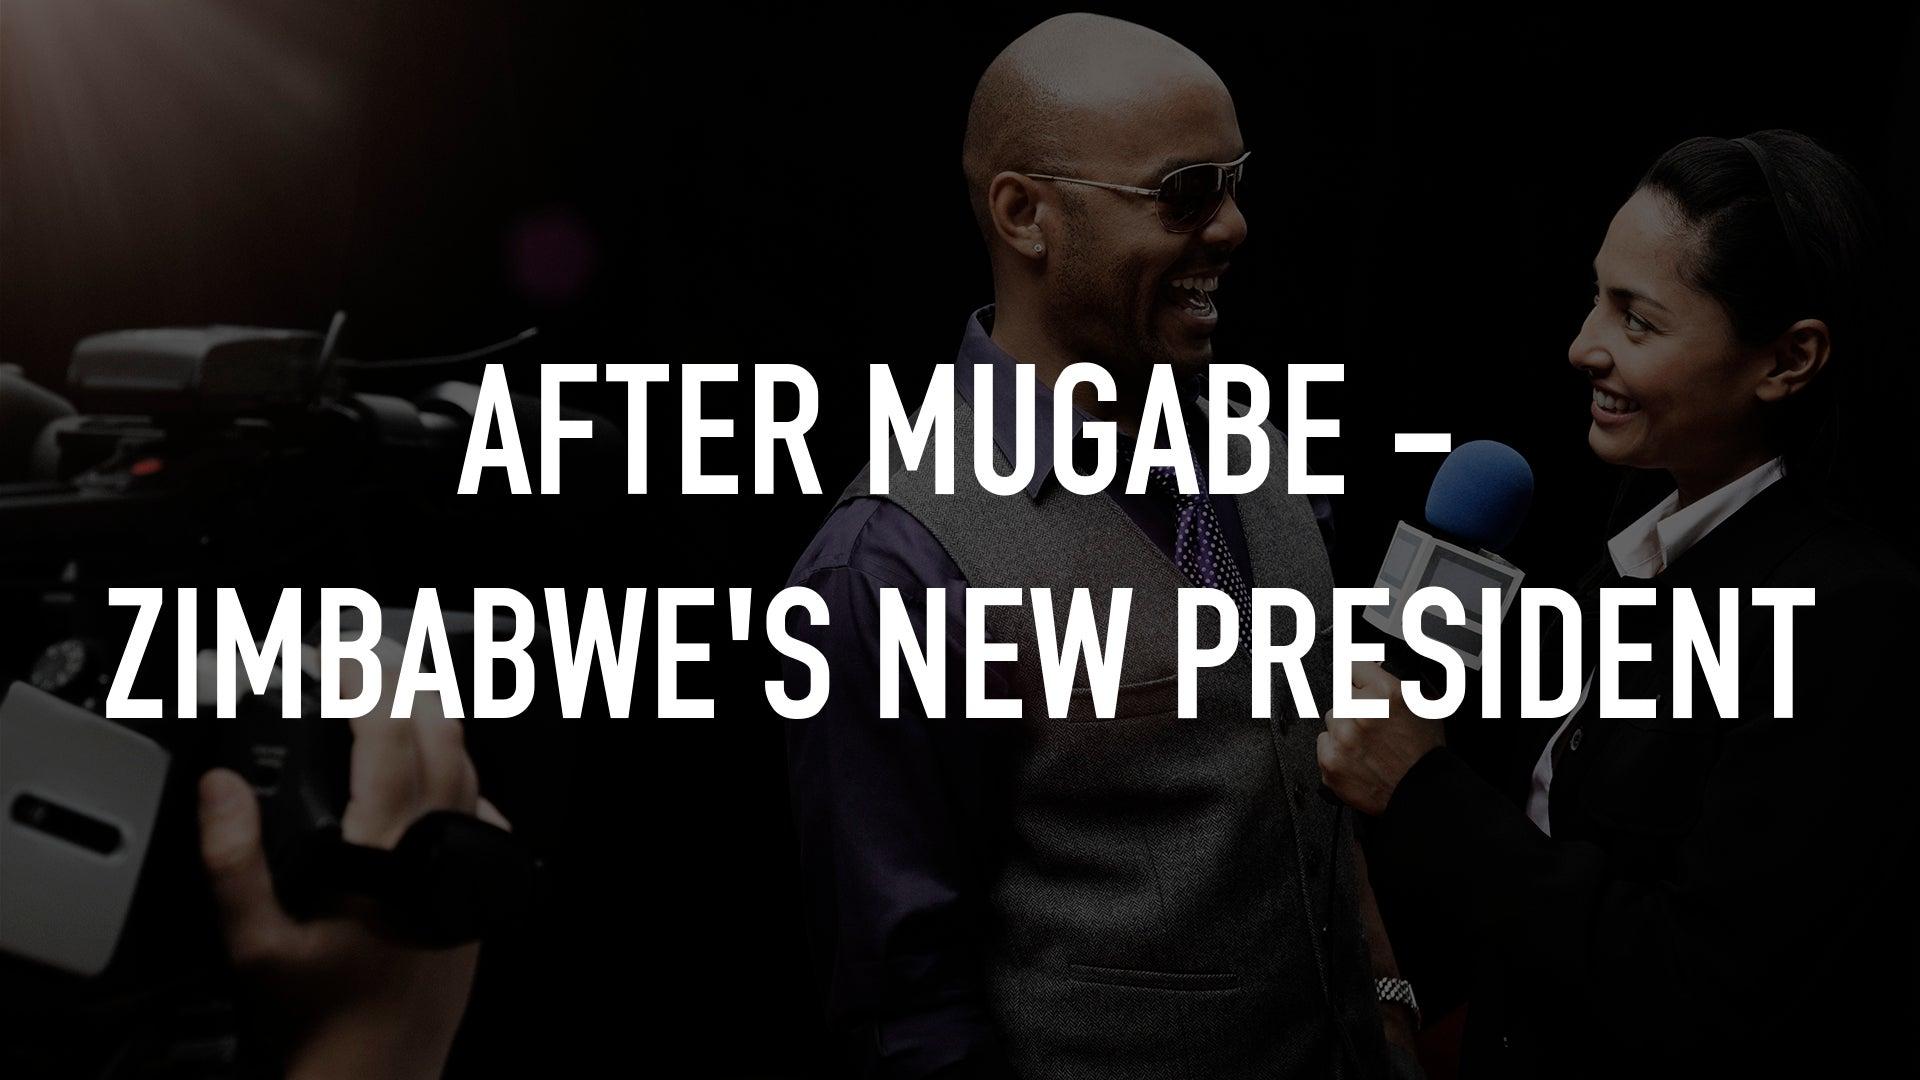 After Mugabe - Zimbabwe's New President